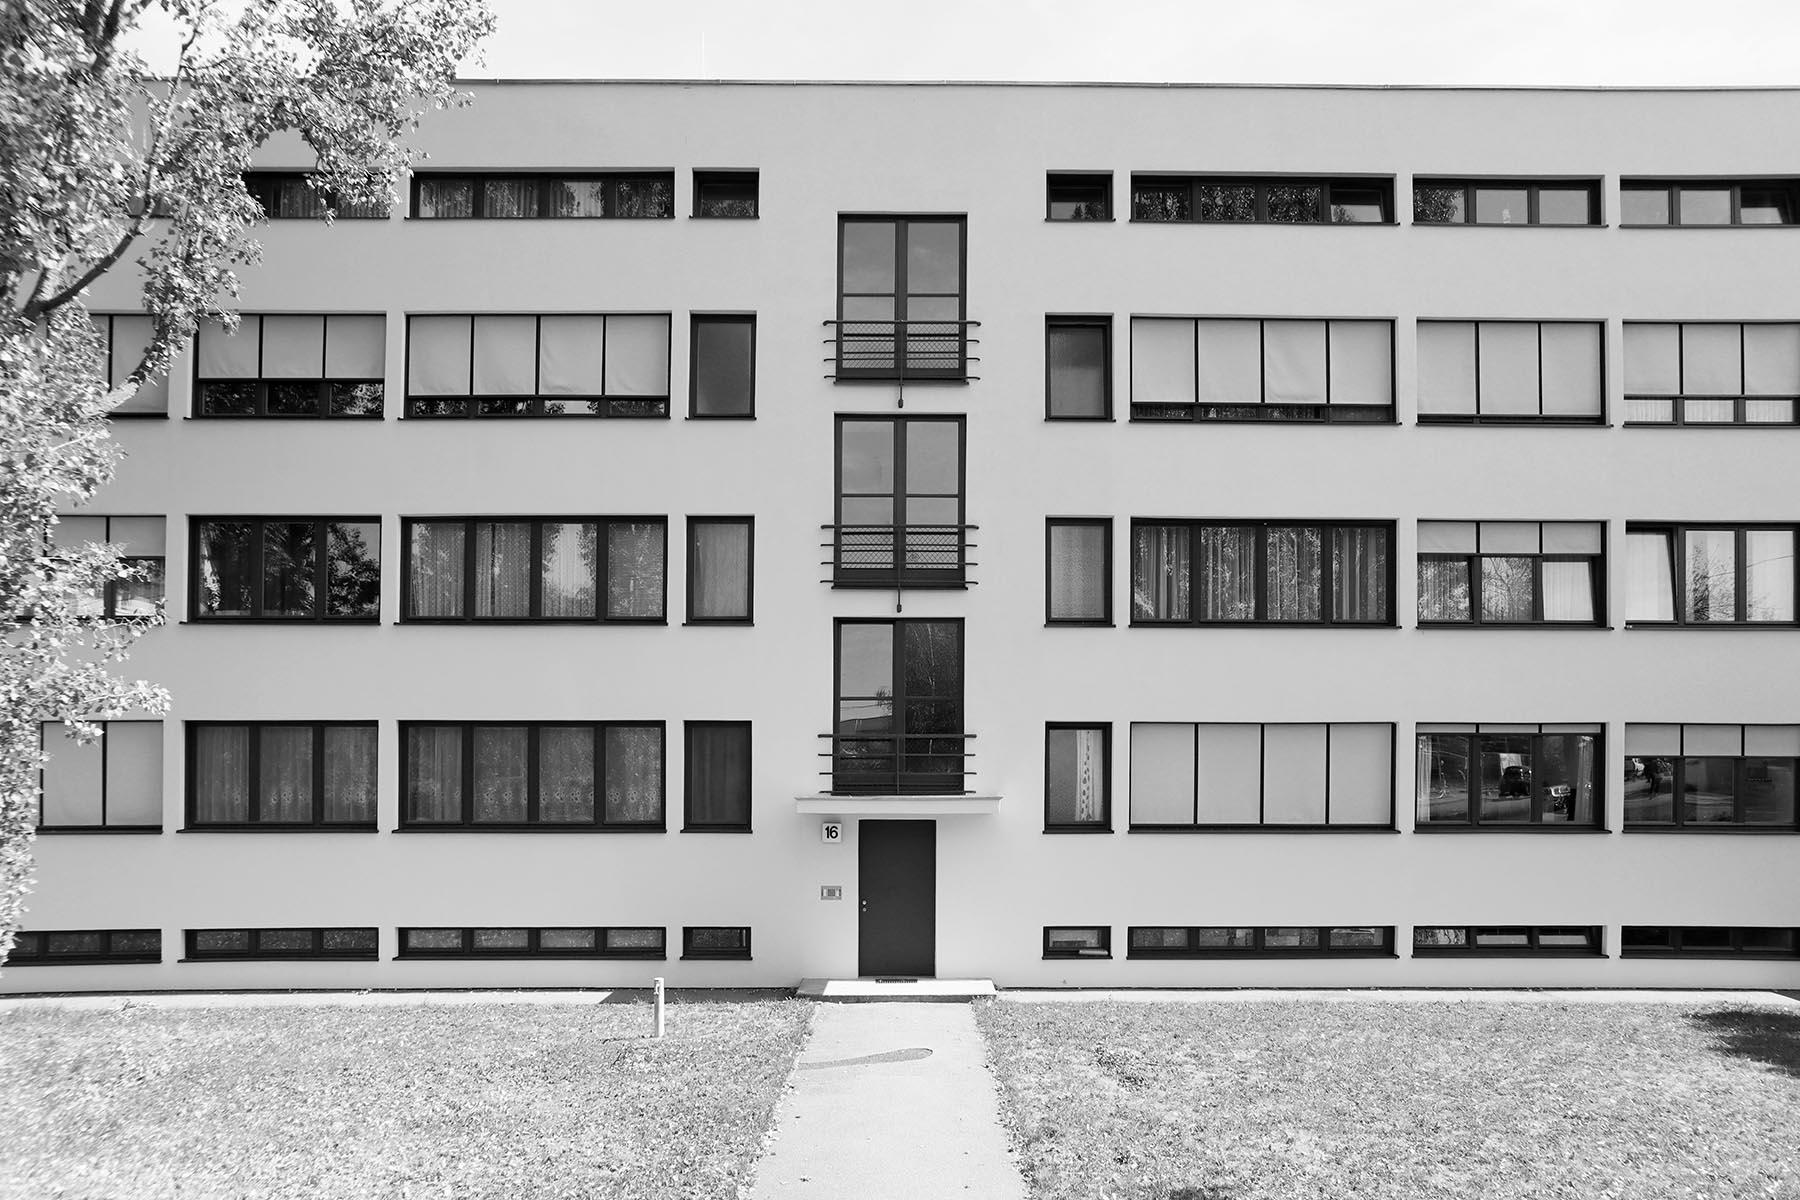 Weissenhofsiedlung. Wohnblock von Ludwig Mies van der Rohe. Am Weißenhof 14–20.